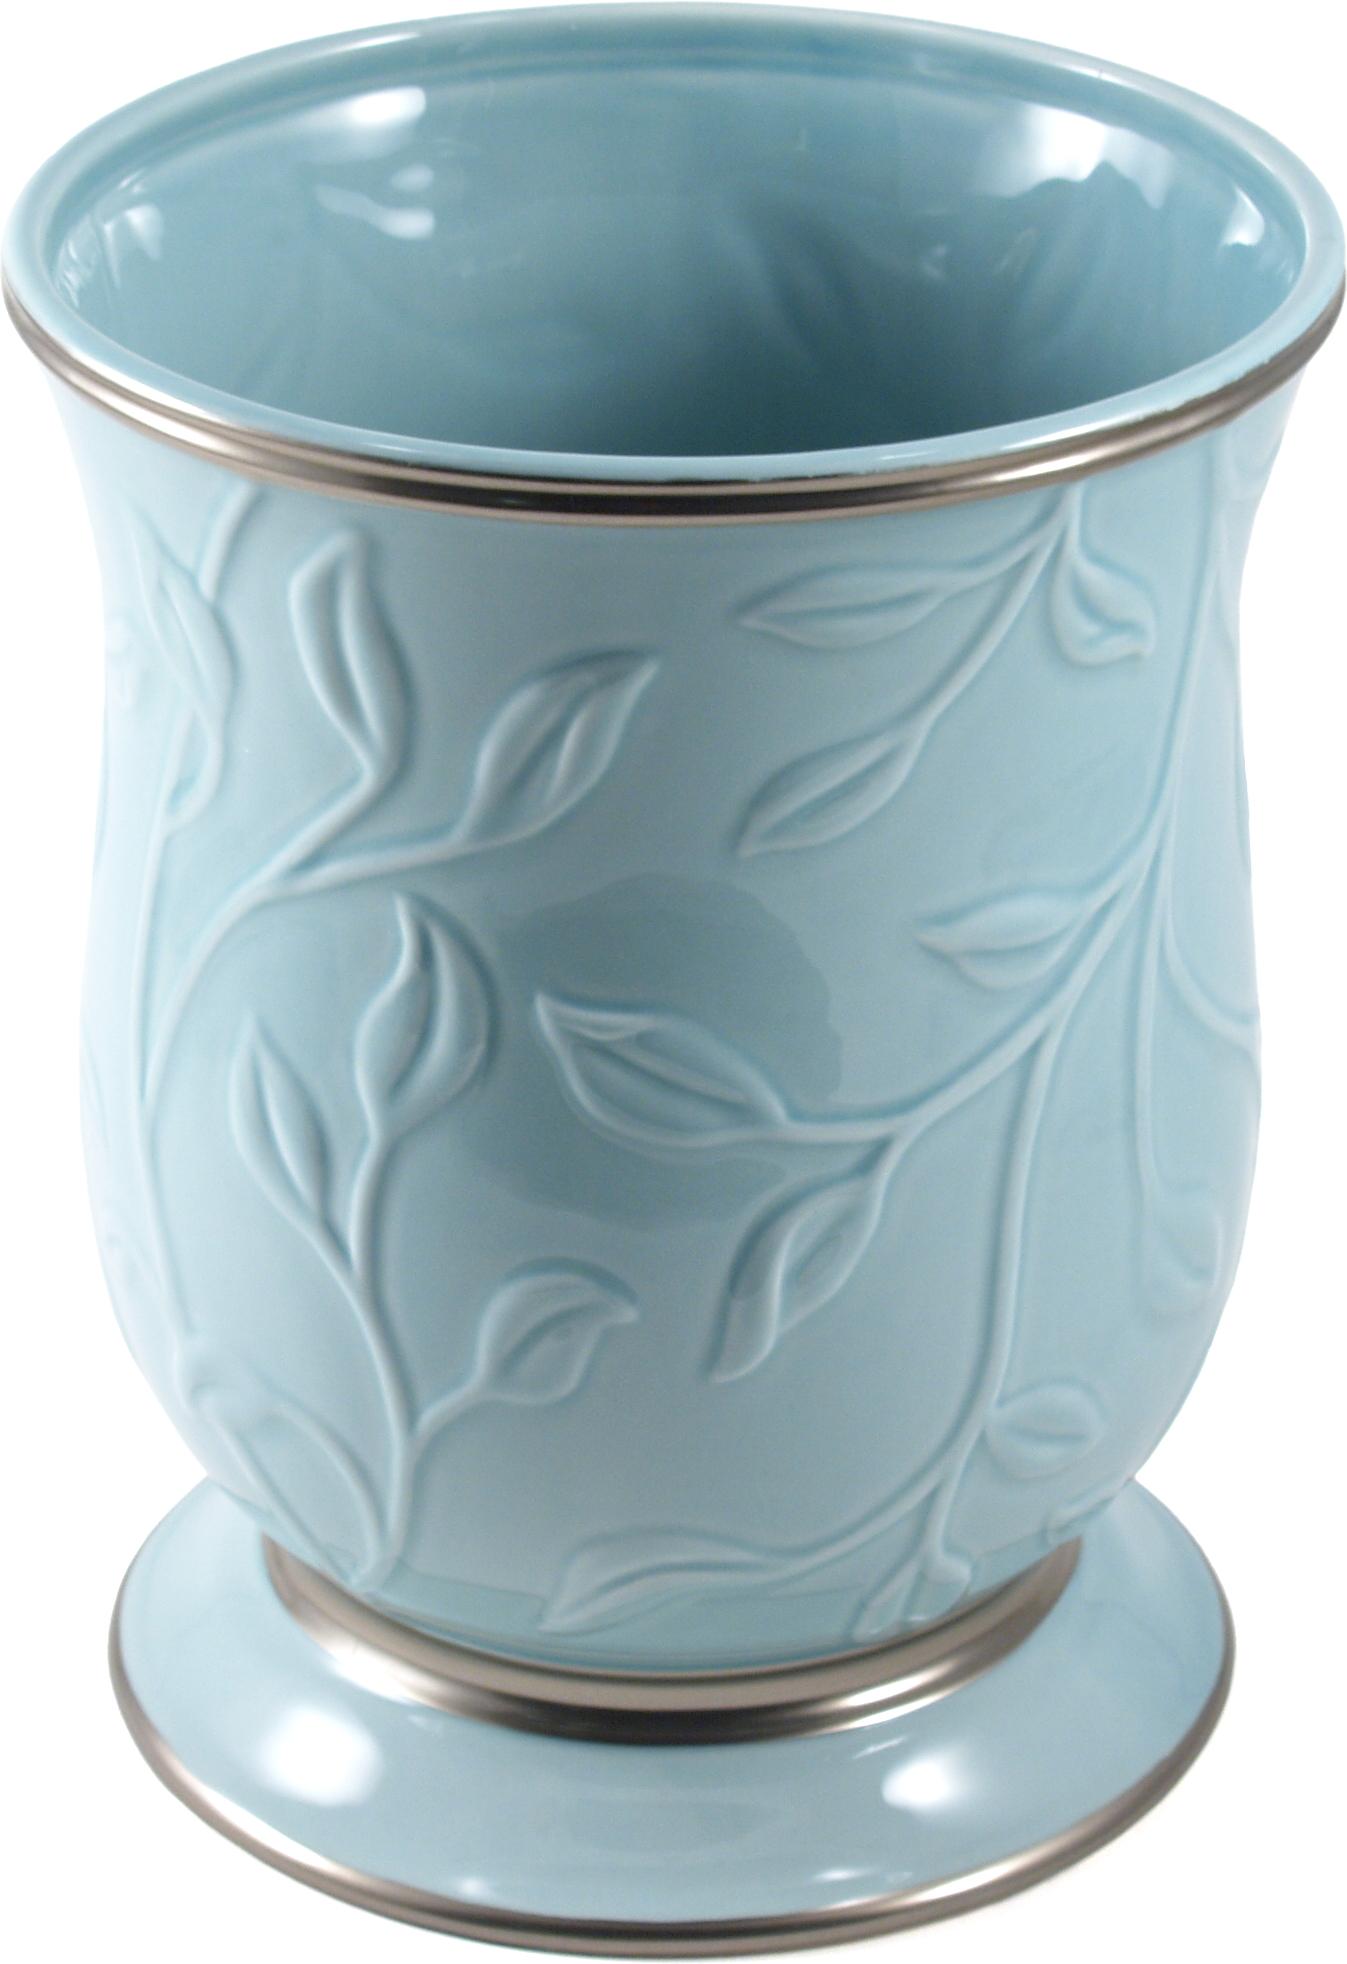 Saturday Knight LTD Seafoam Blue Ceramic Waste Bin